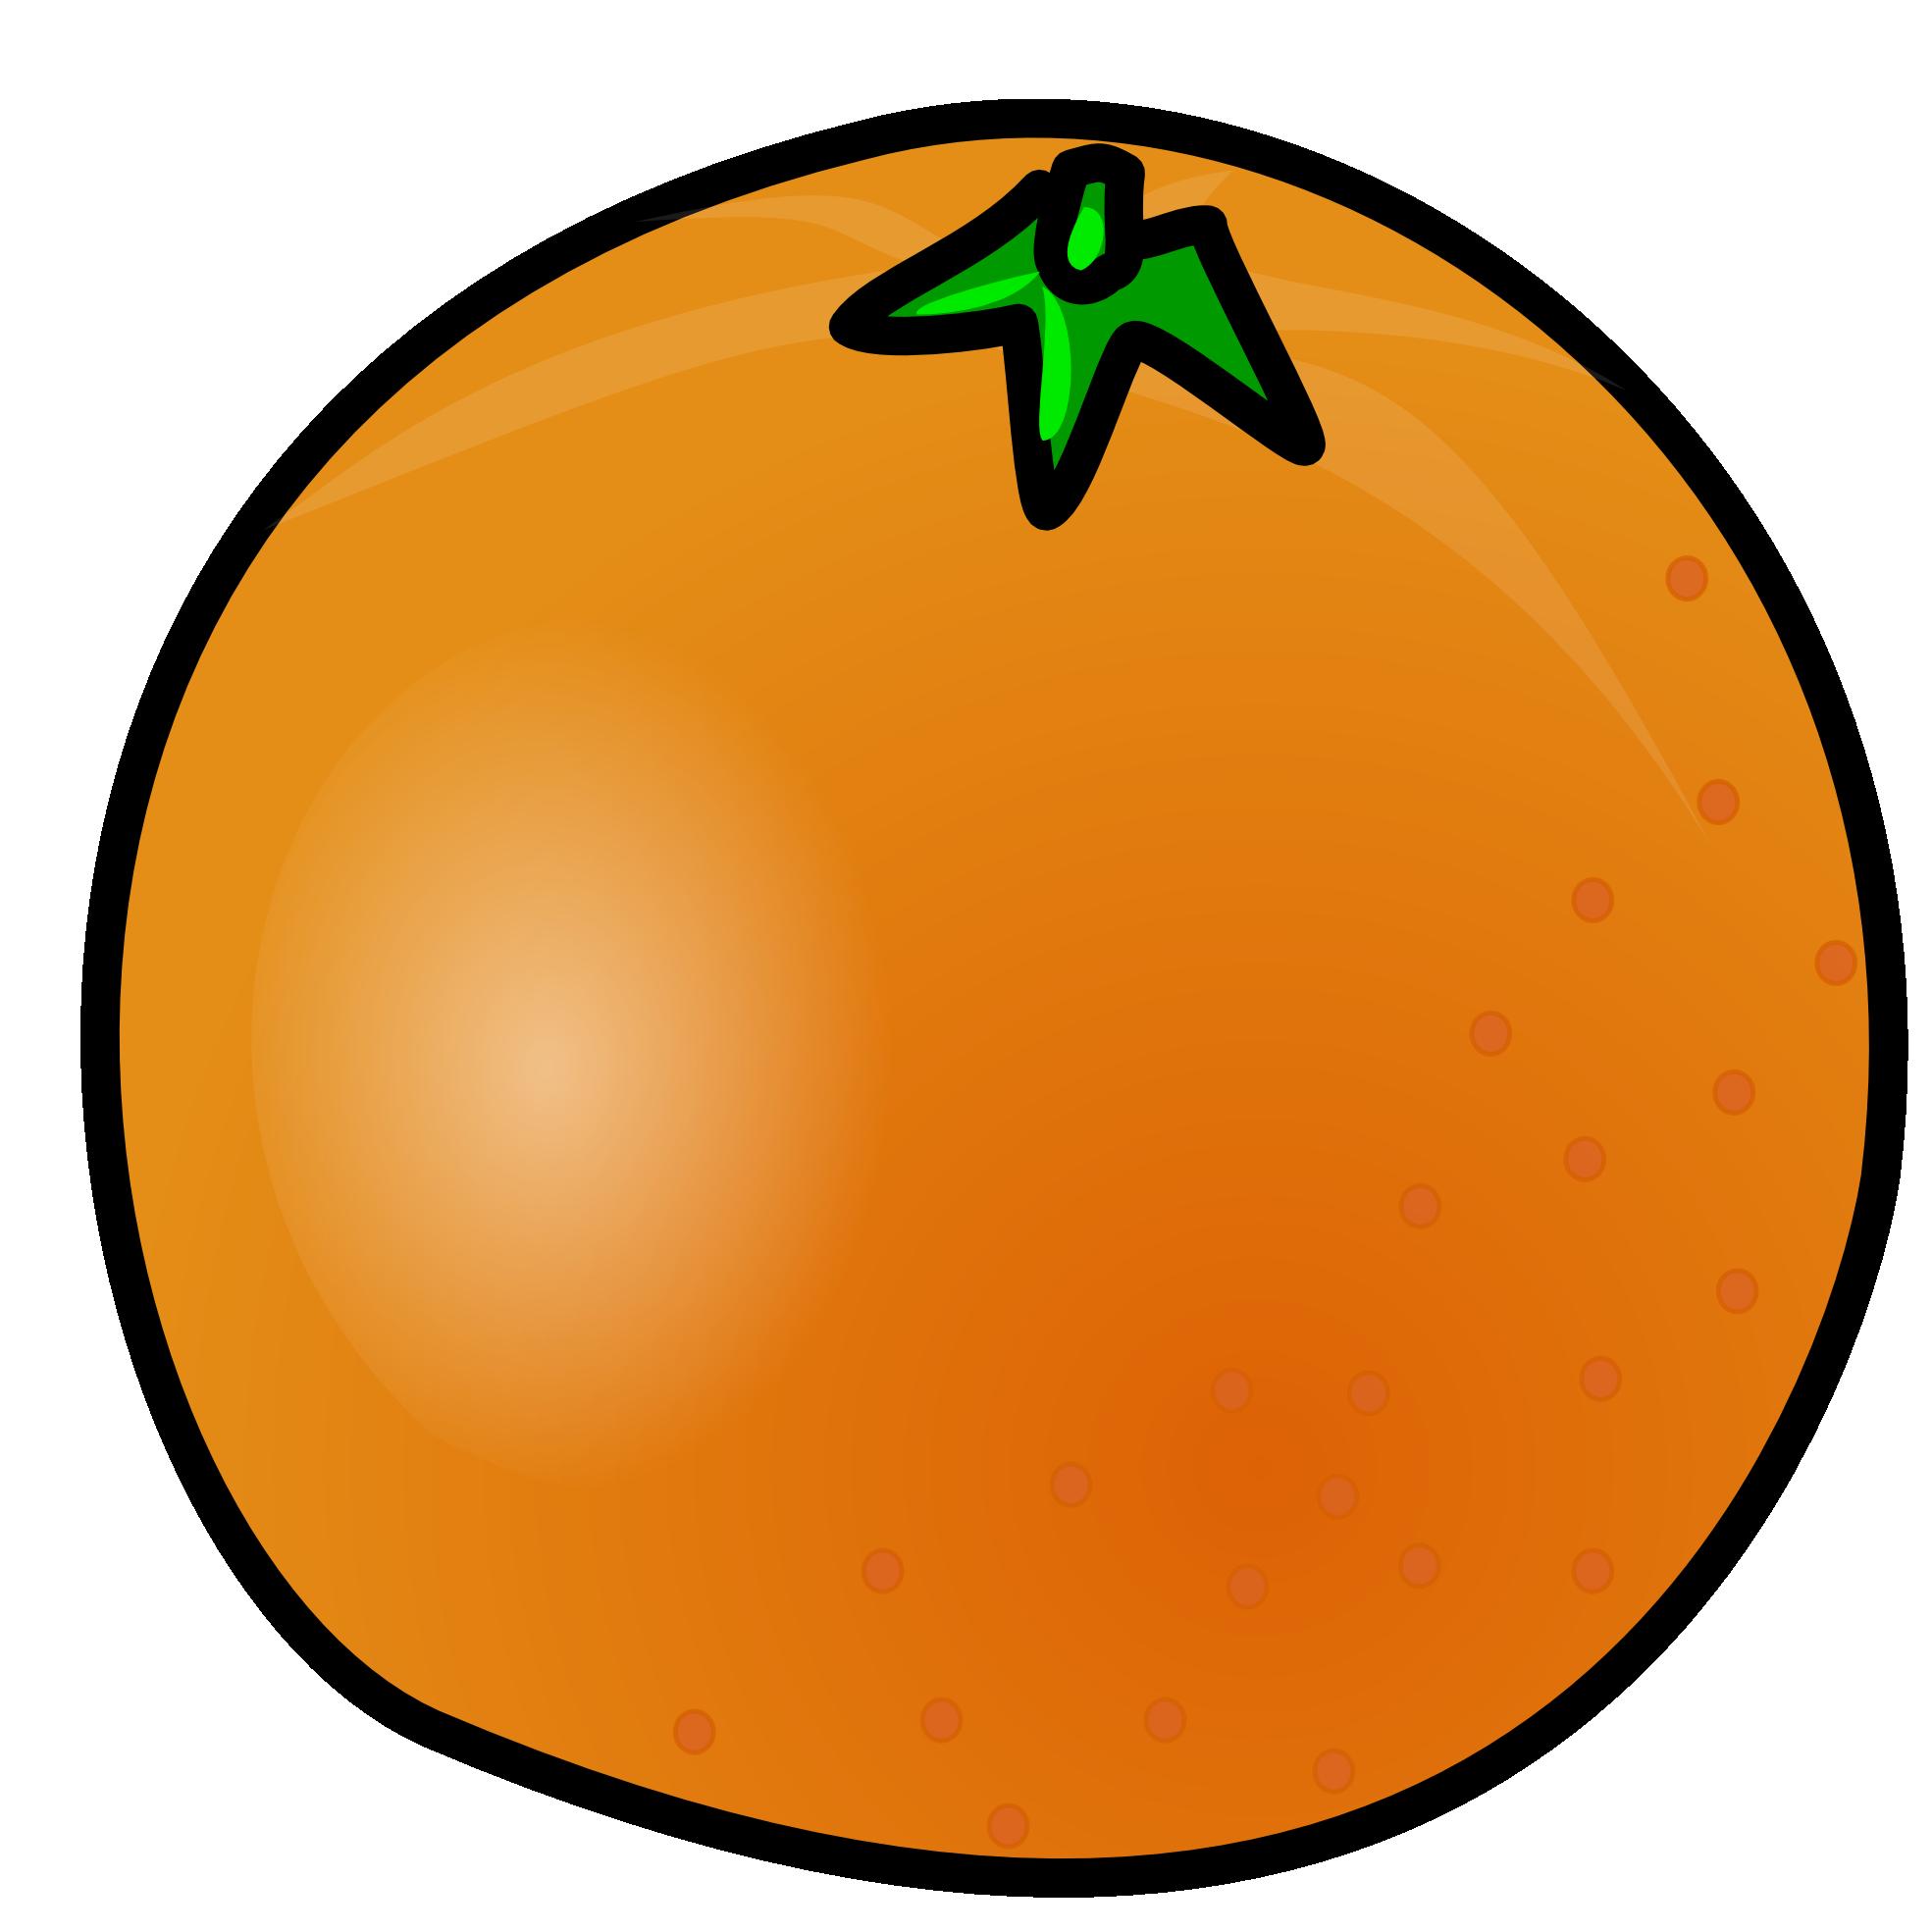 Orange Clip Art-Orange Clip Art-7